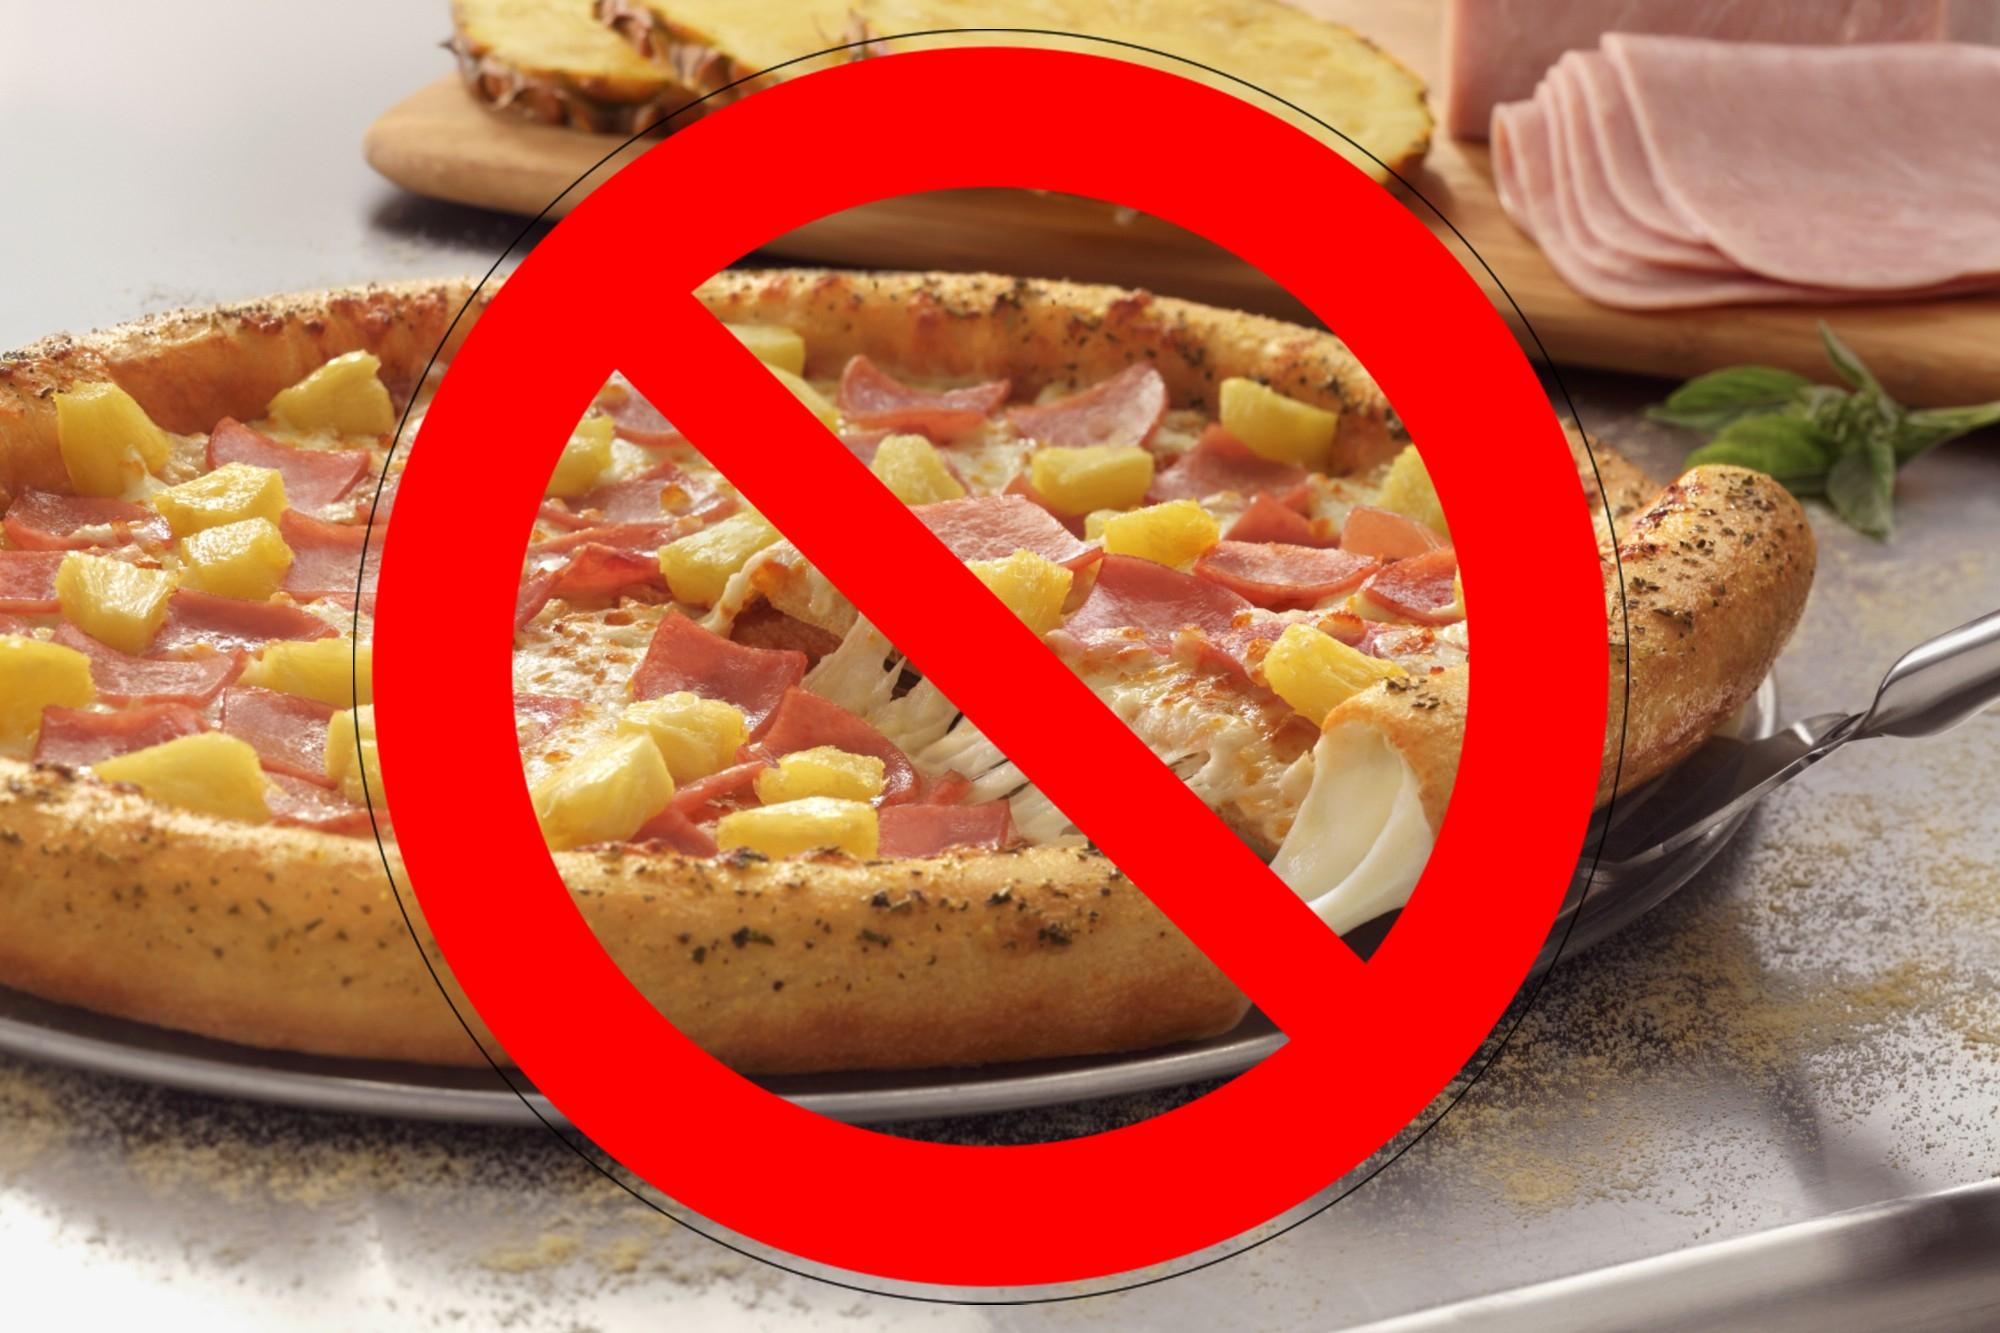 Presidente de Islandia quiere prohibir la pizza hawaiana